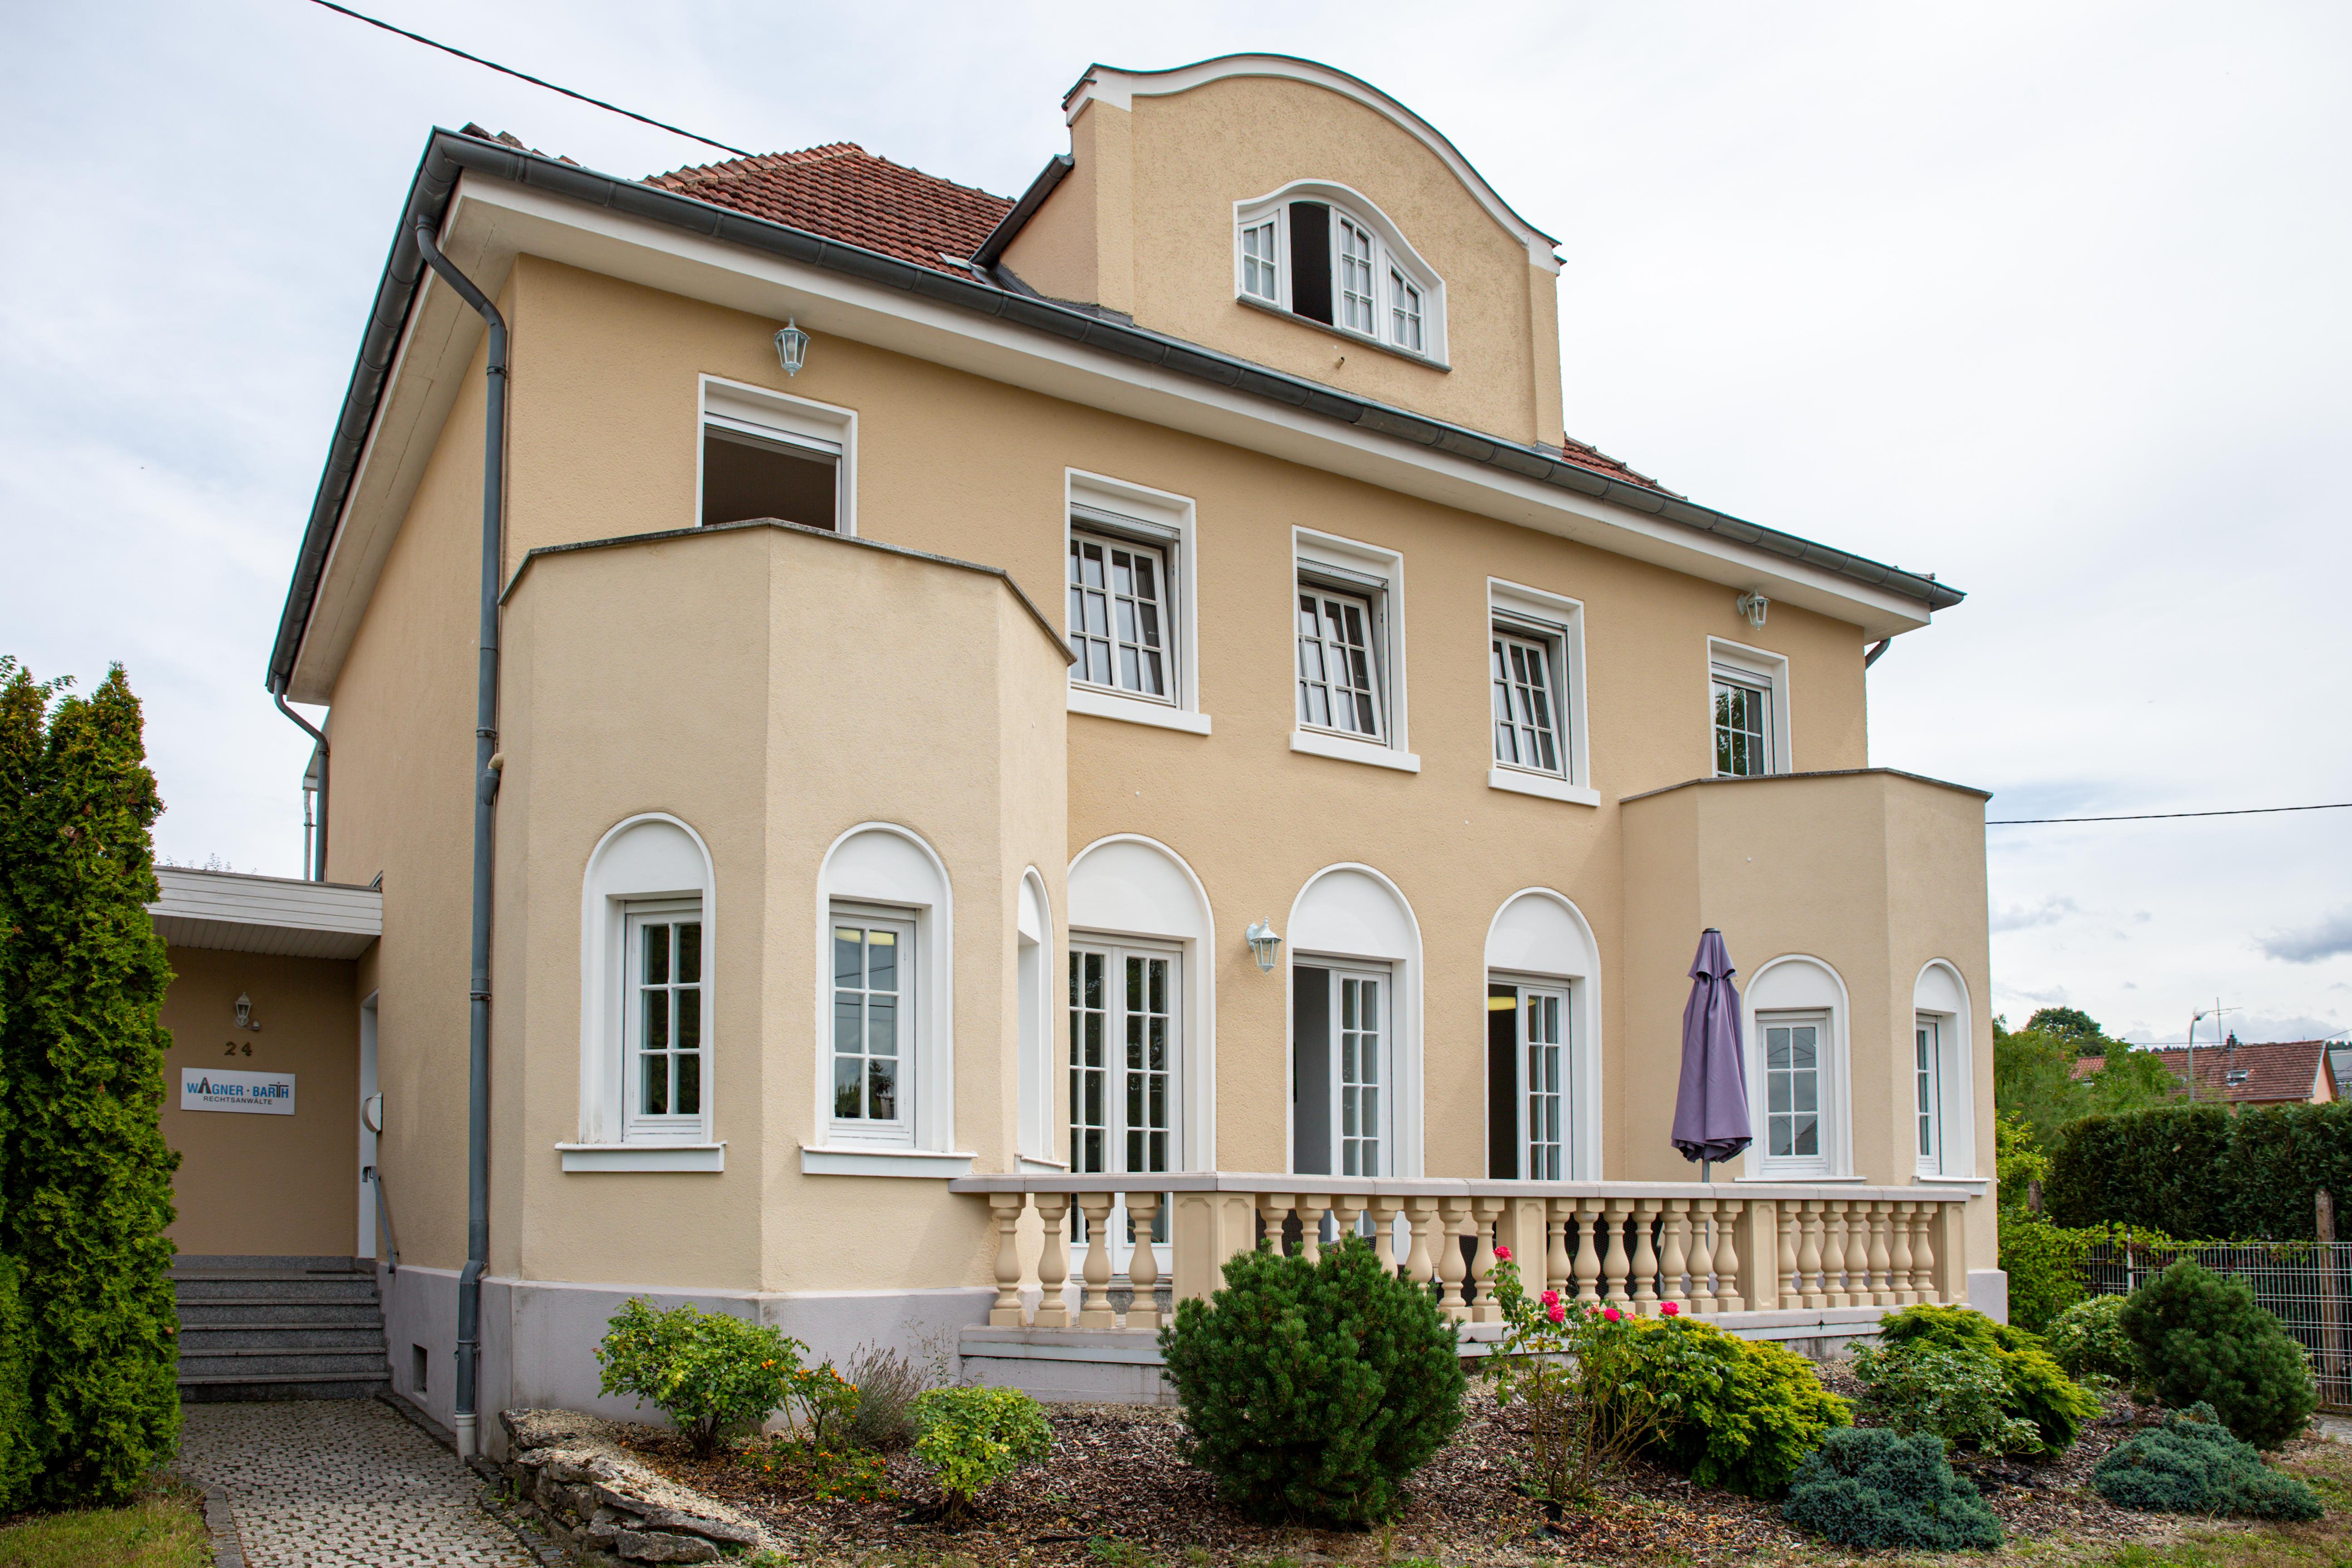 Kanzlei von Rechtsanwälte Wagner & Barth in der Waldstraße 24 in Merzig